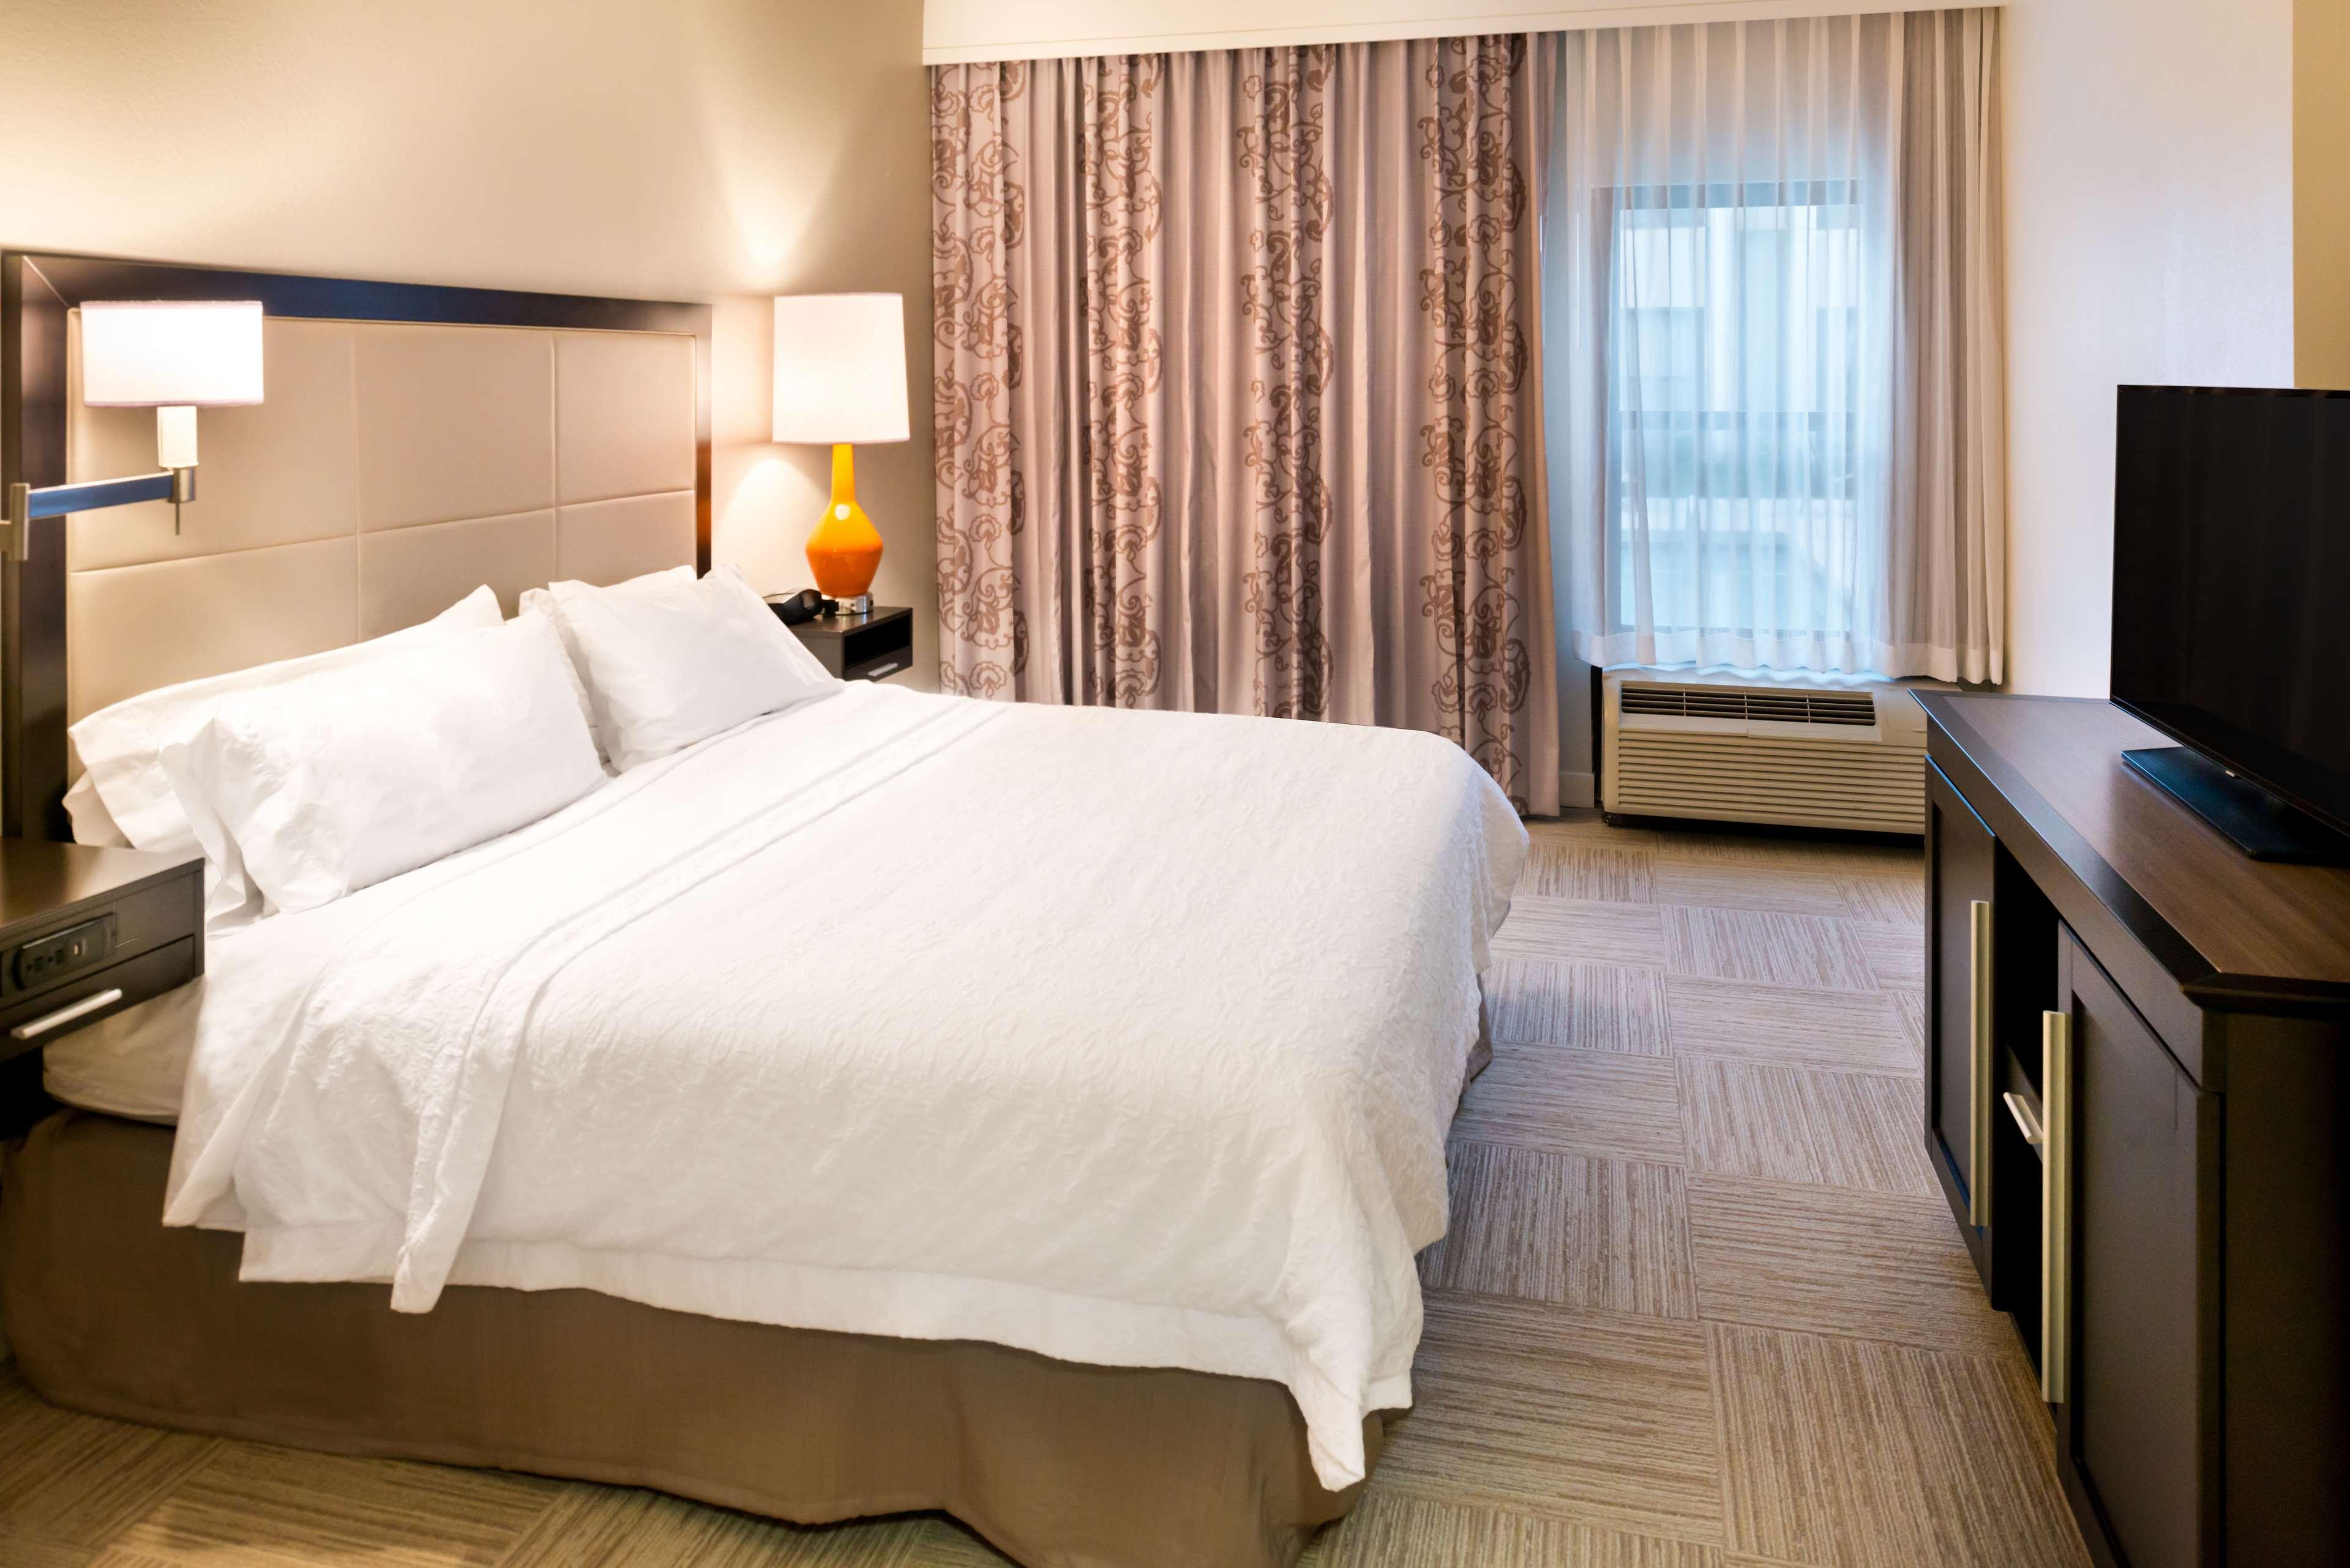 Hampton Inn & Suites Orlando/East UCF Area image 18